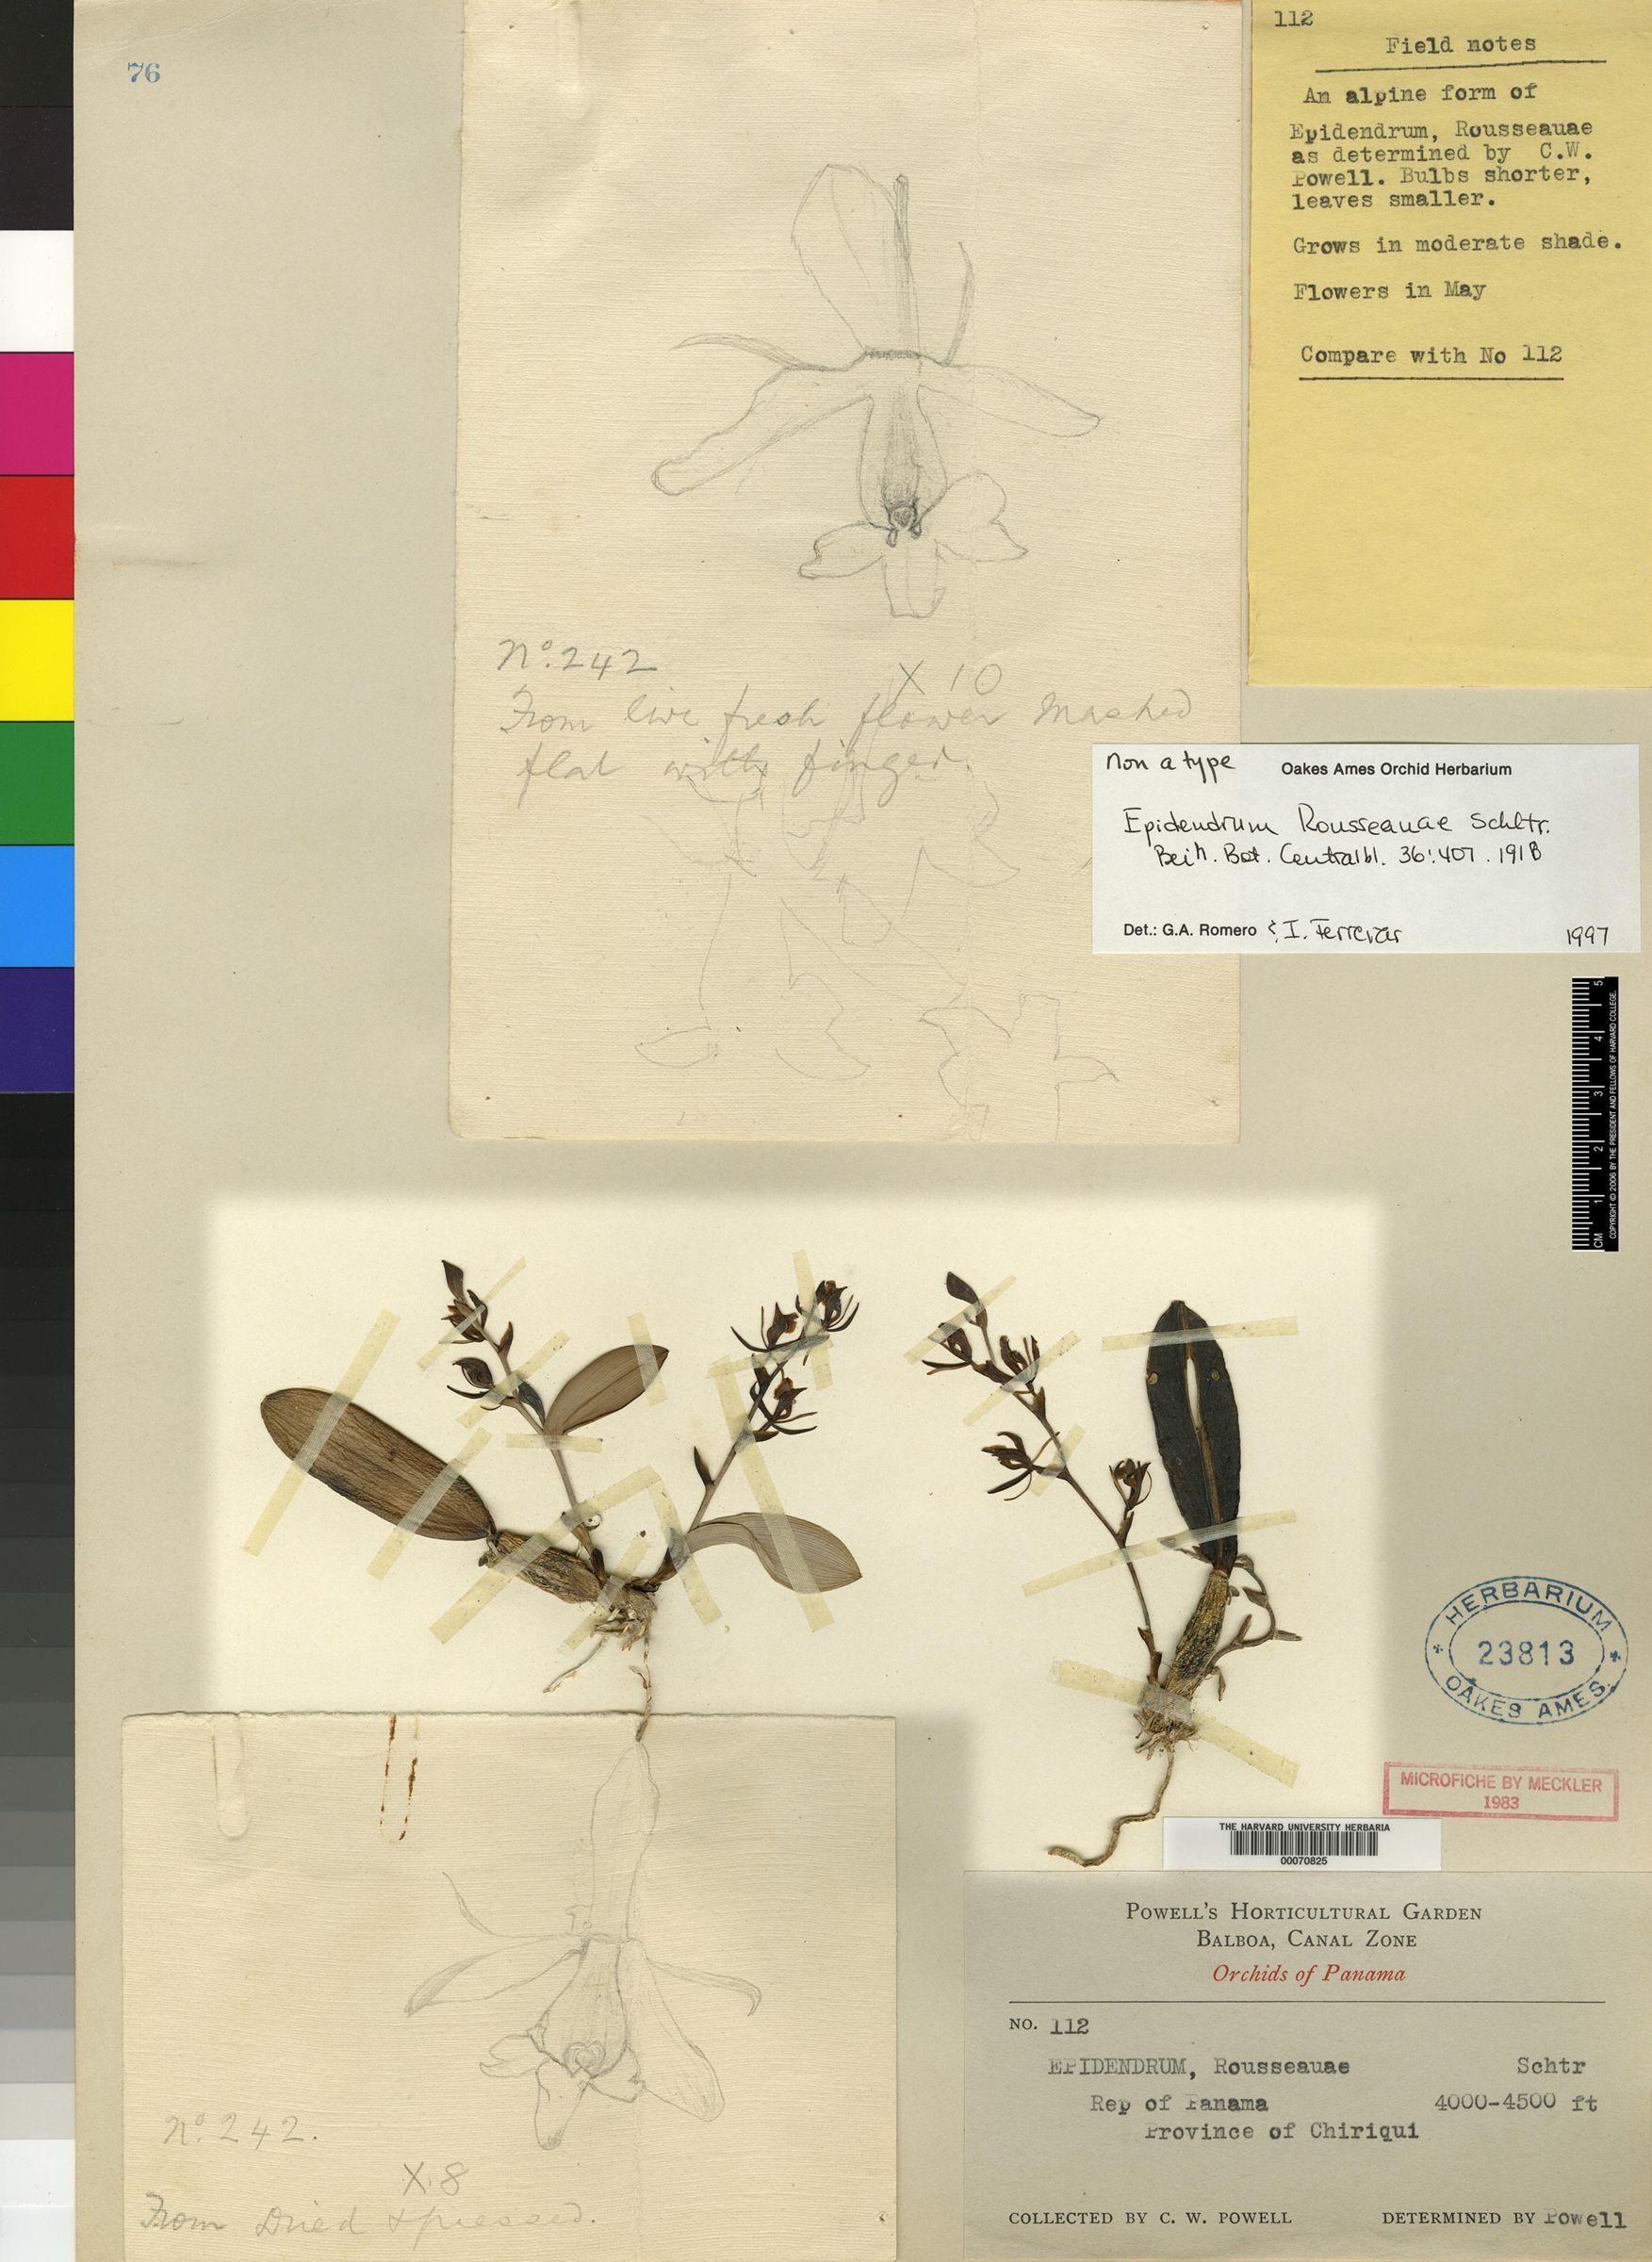 Epidendrum rousseauae image